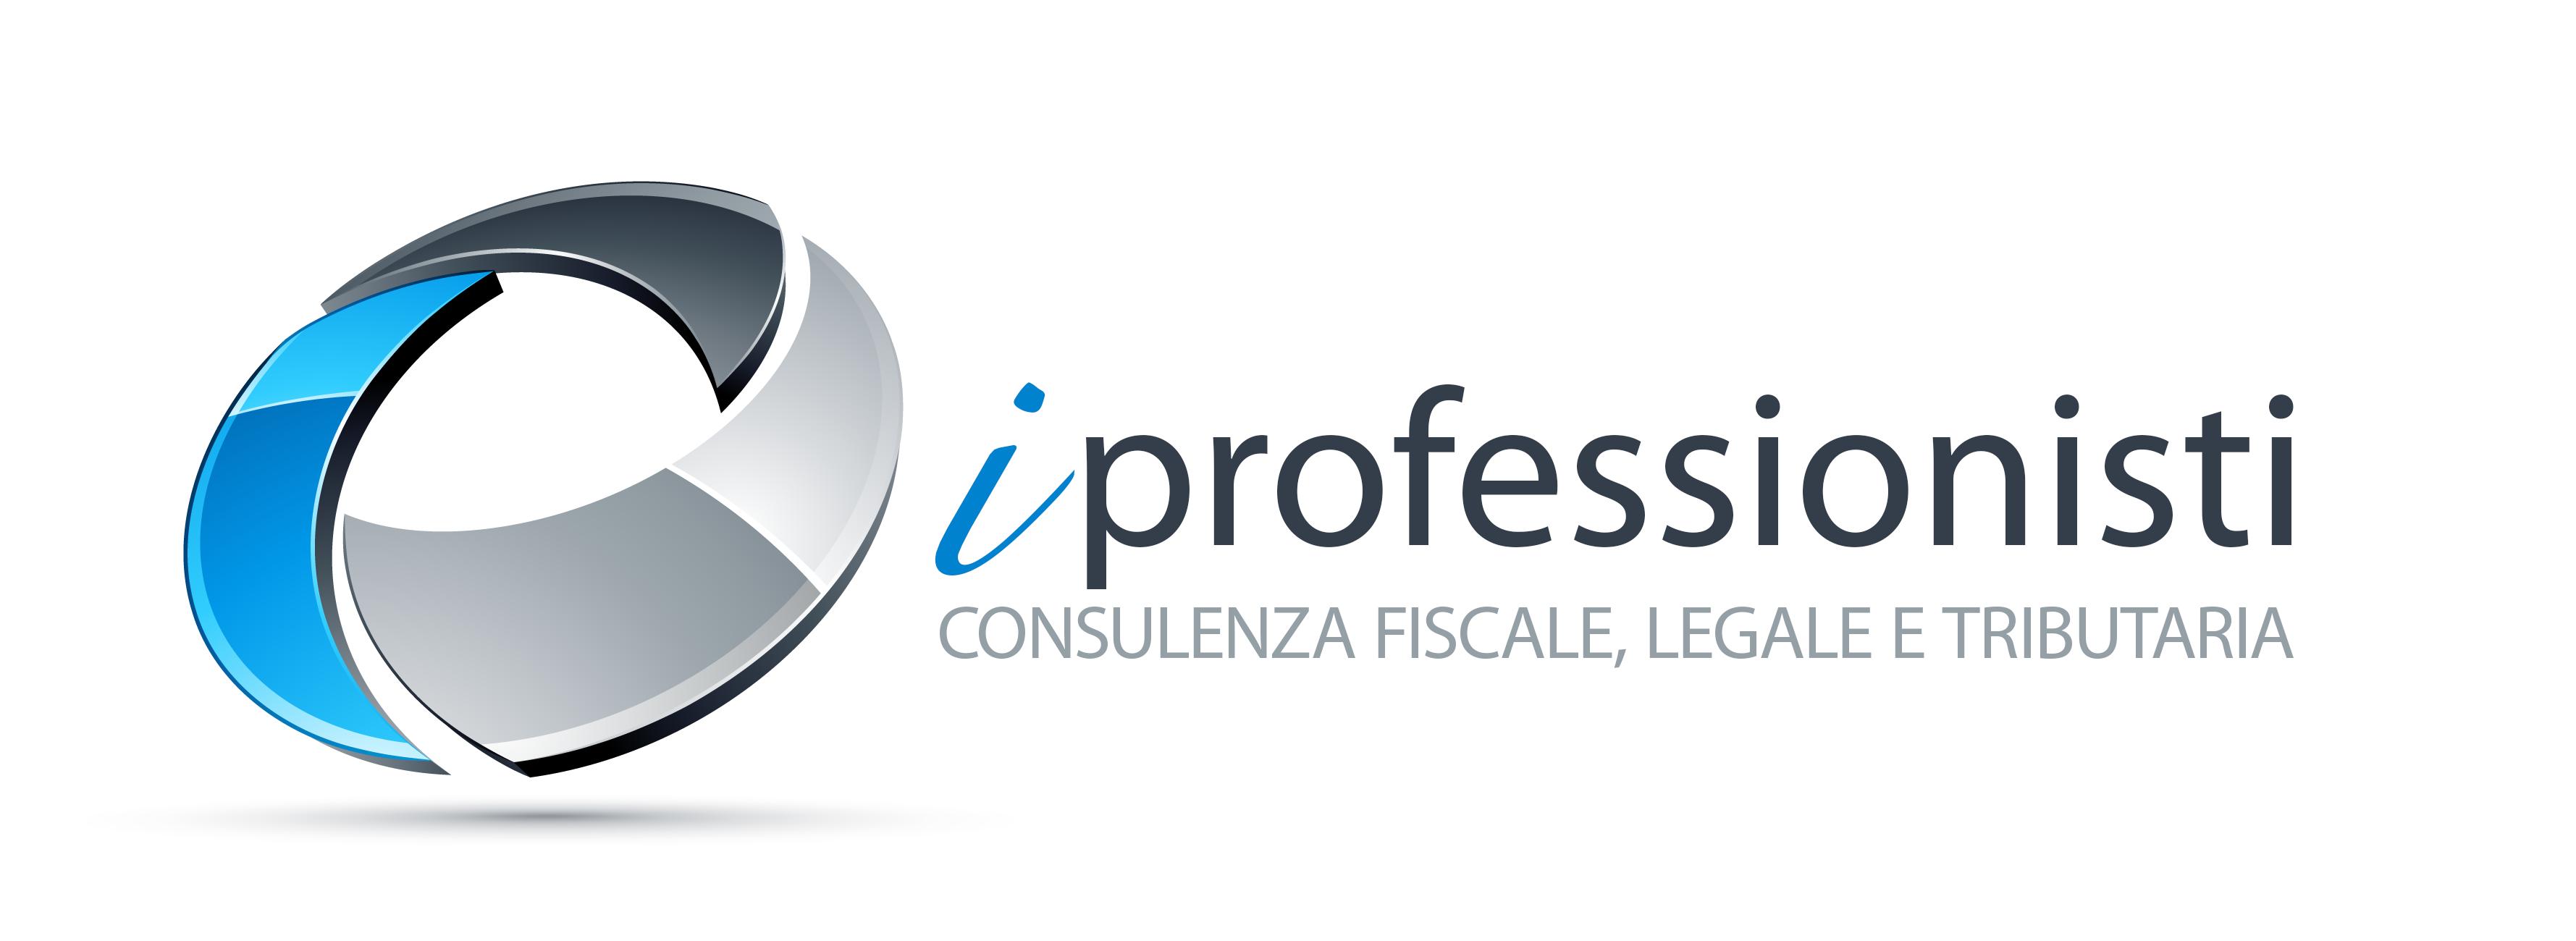 Nuovo marchio e nuovo sito per i-professionisti.it